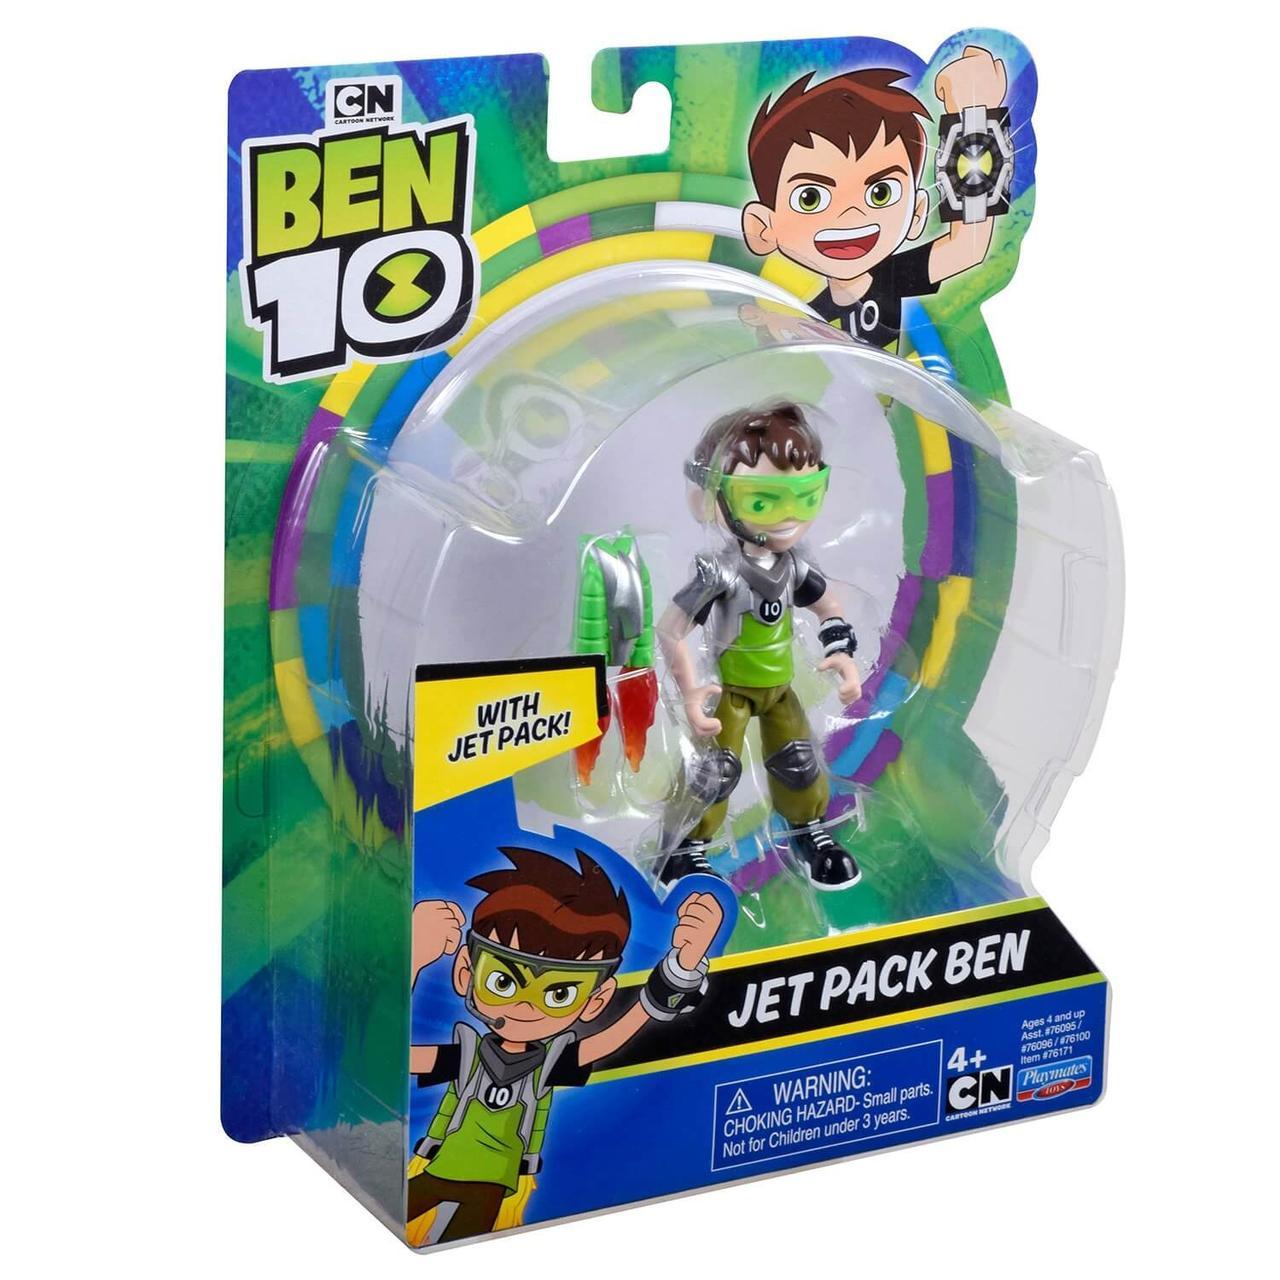 Ben 10 Фигурка 12.5 см, Бен с реактивным рюкзаком